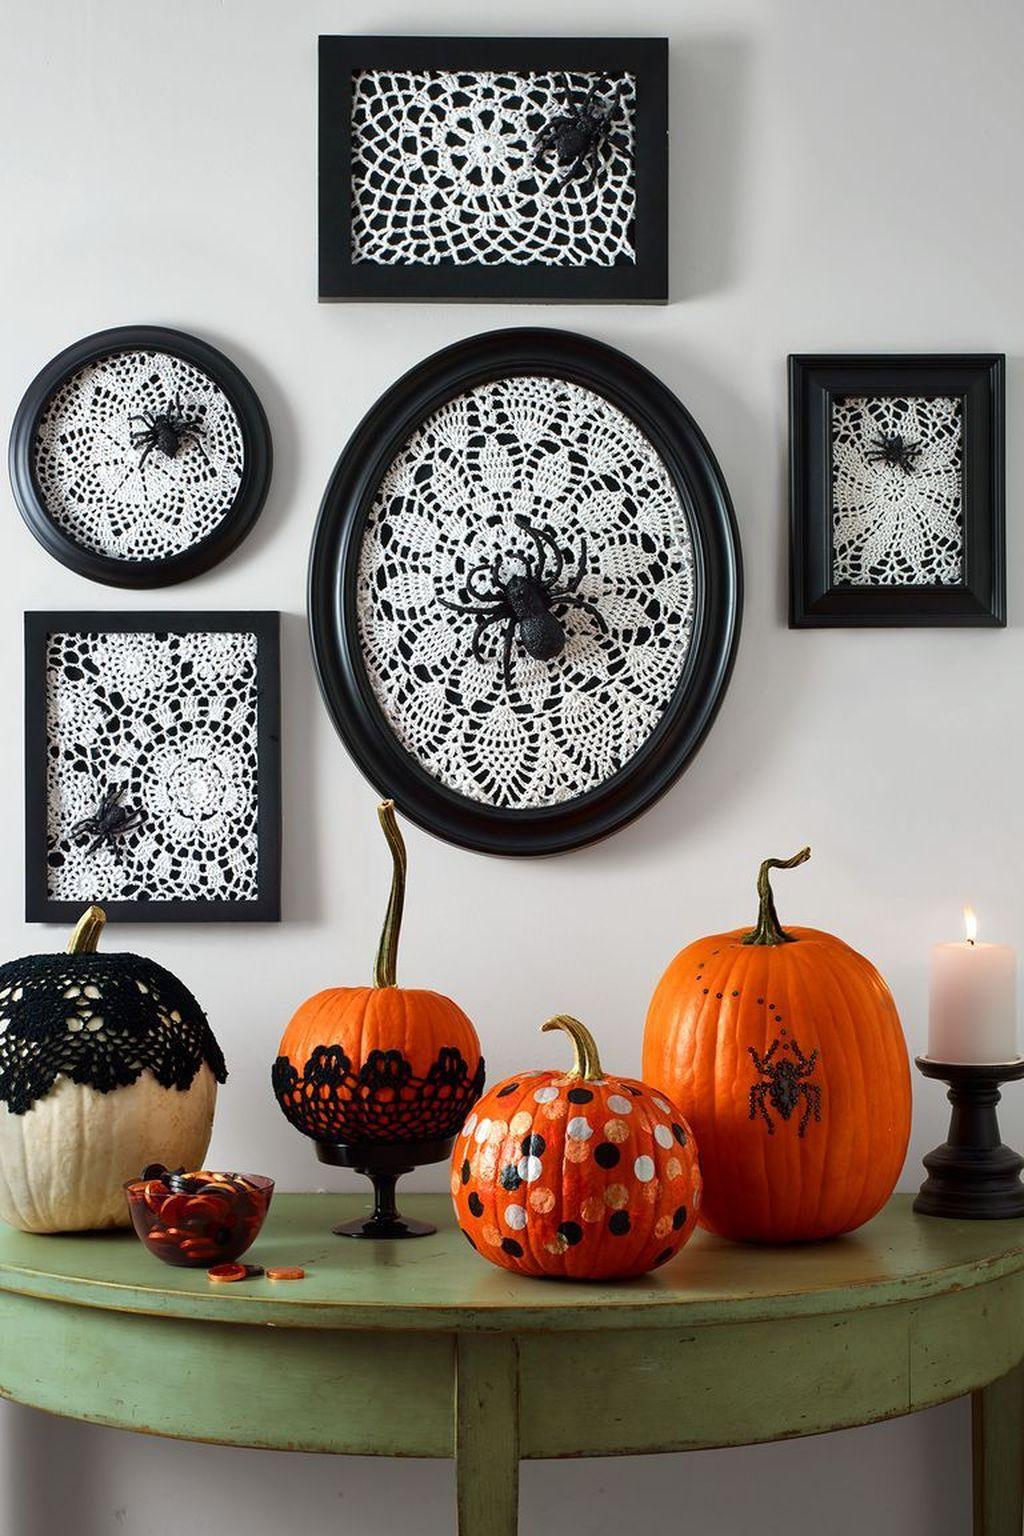 Popular Halloween Pumpkin Design Ideas 25